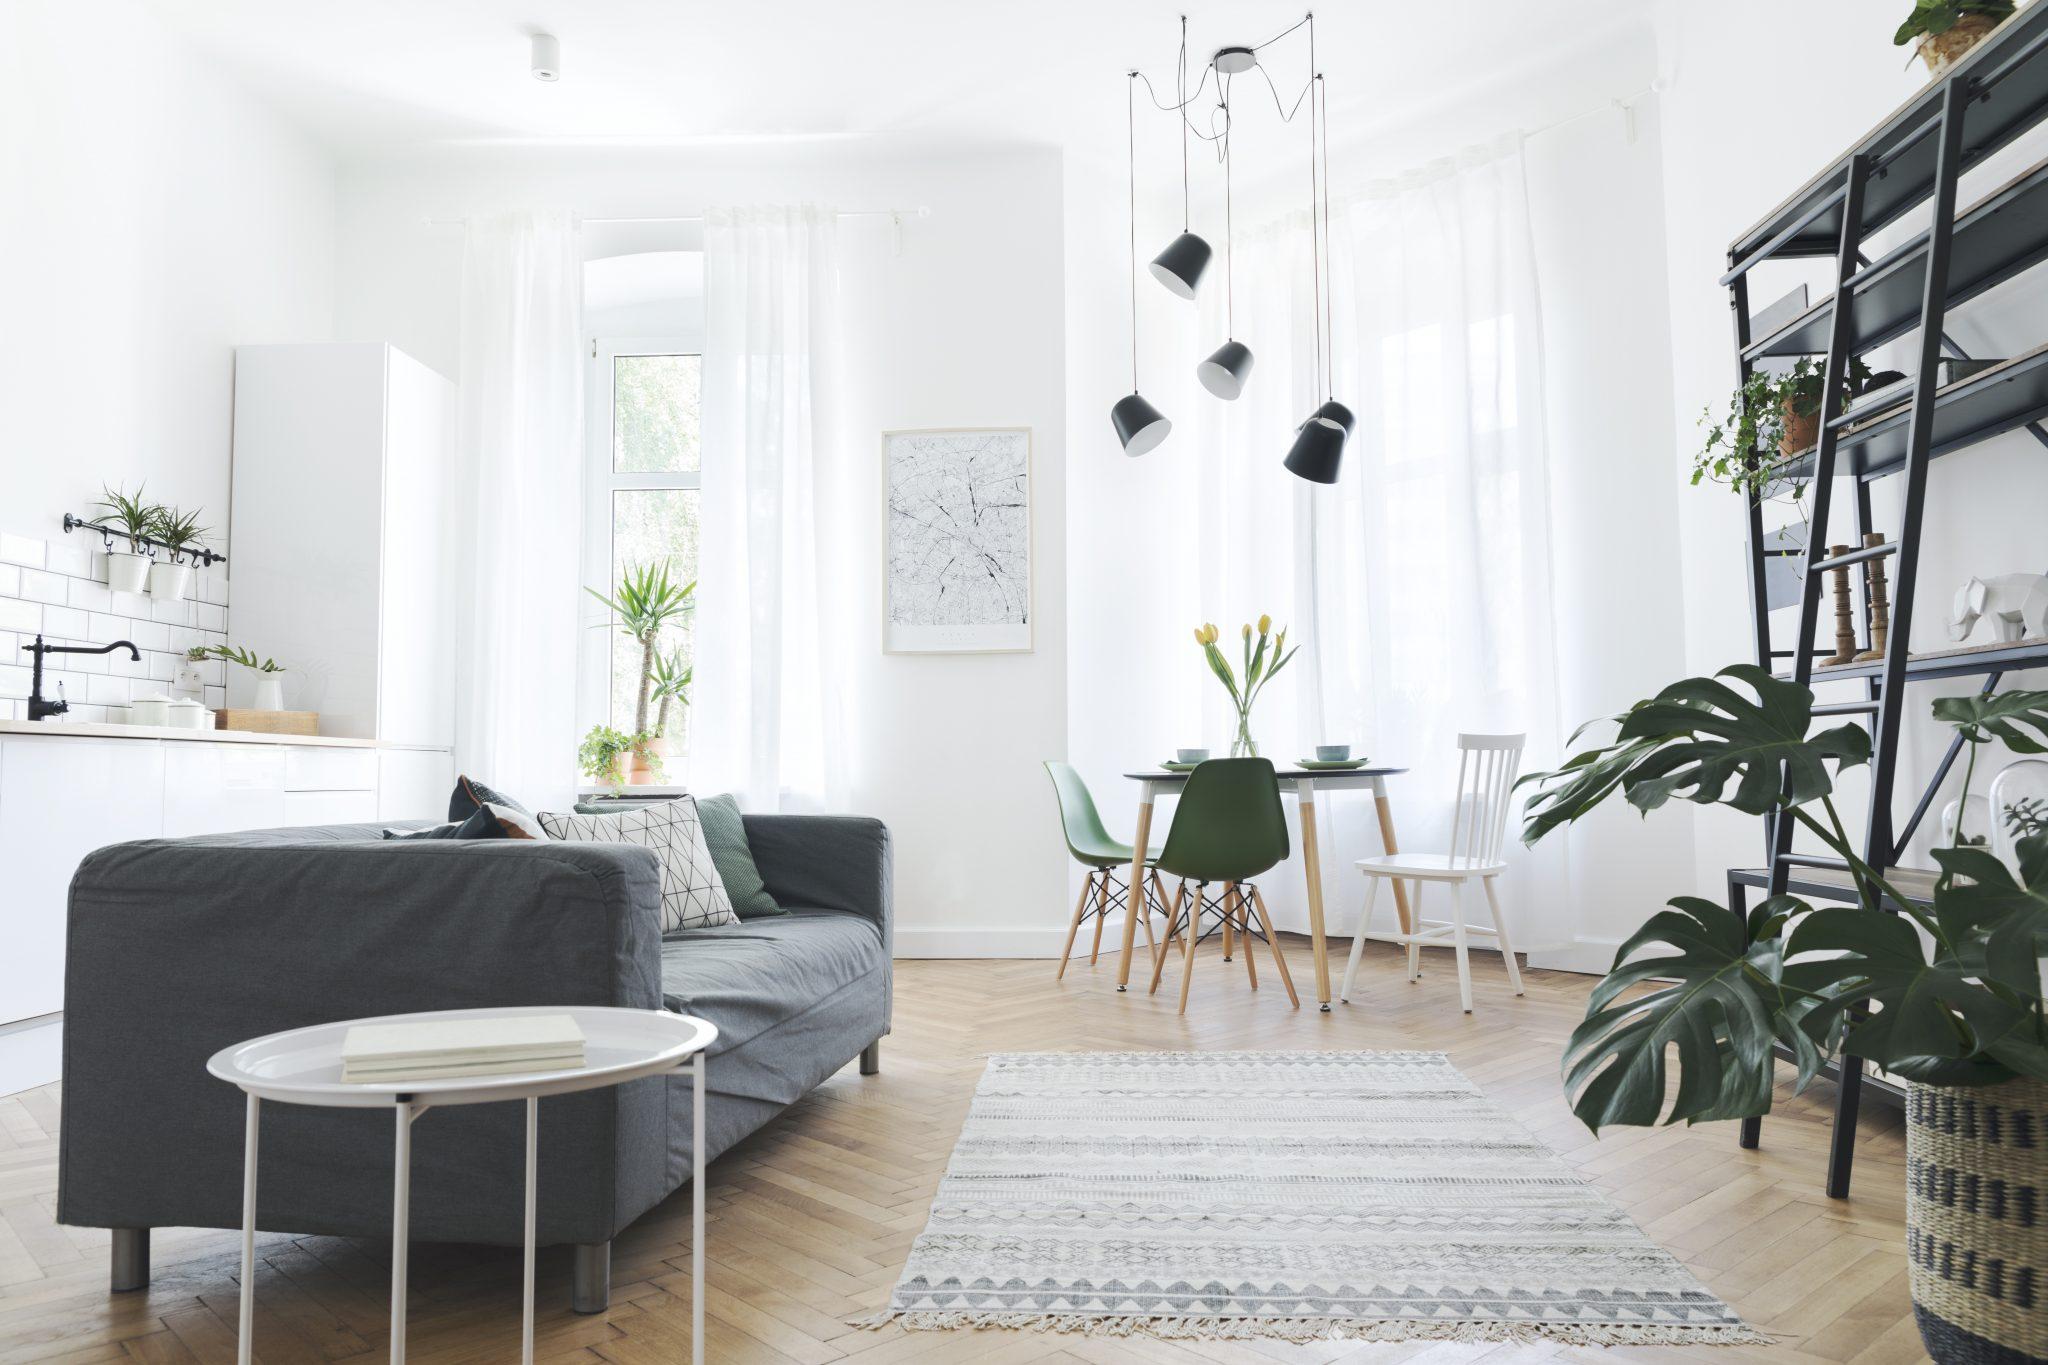 Rénovation d'appartement à Dijon (21)